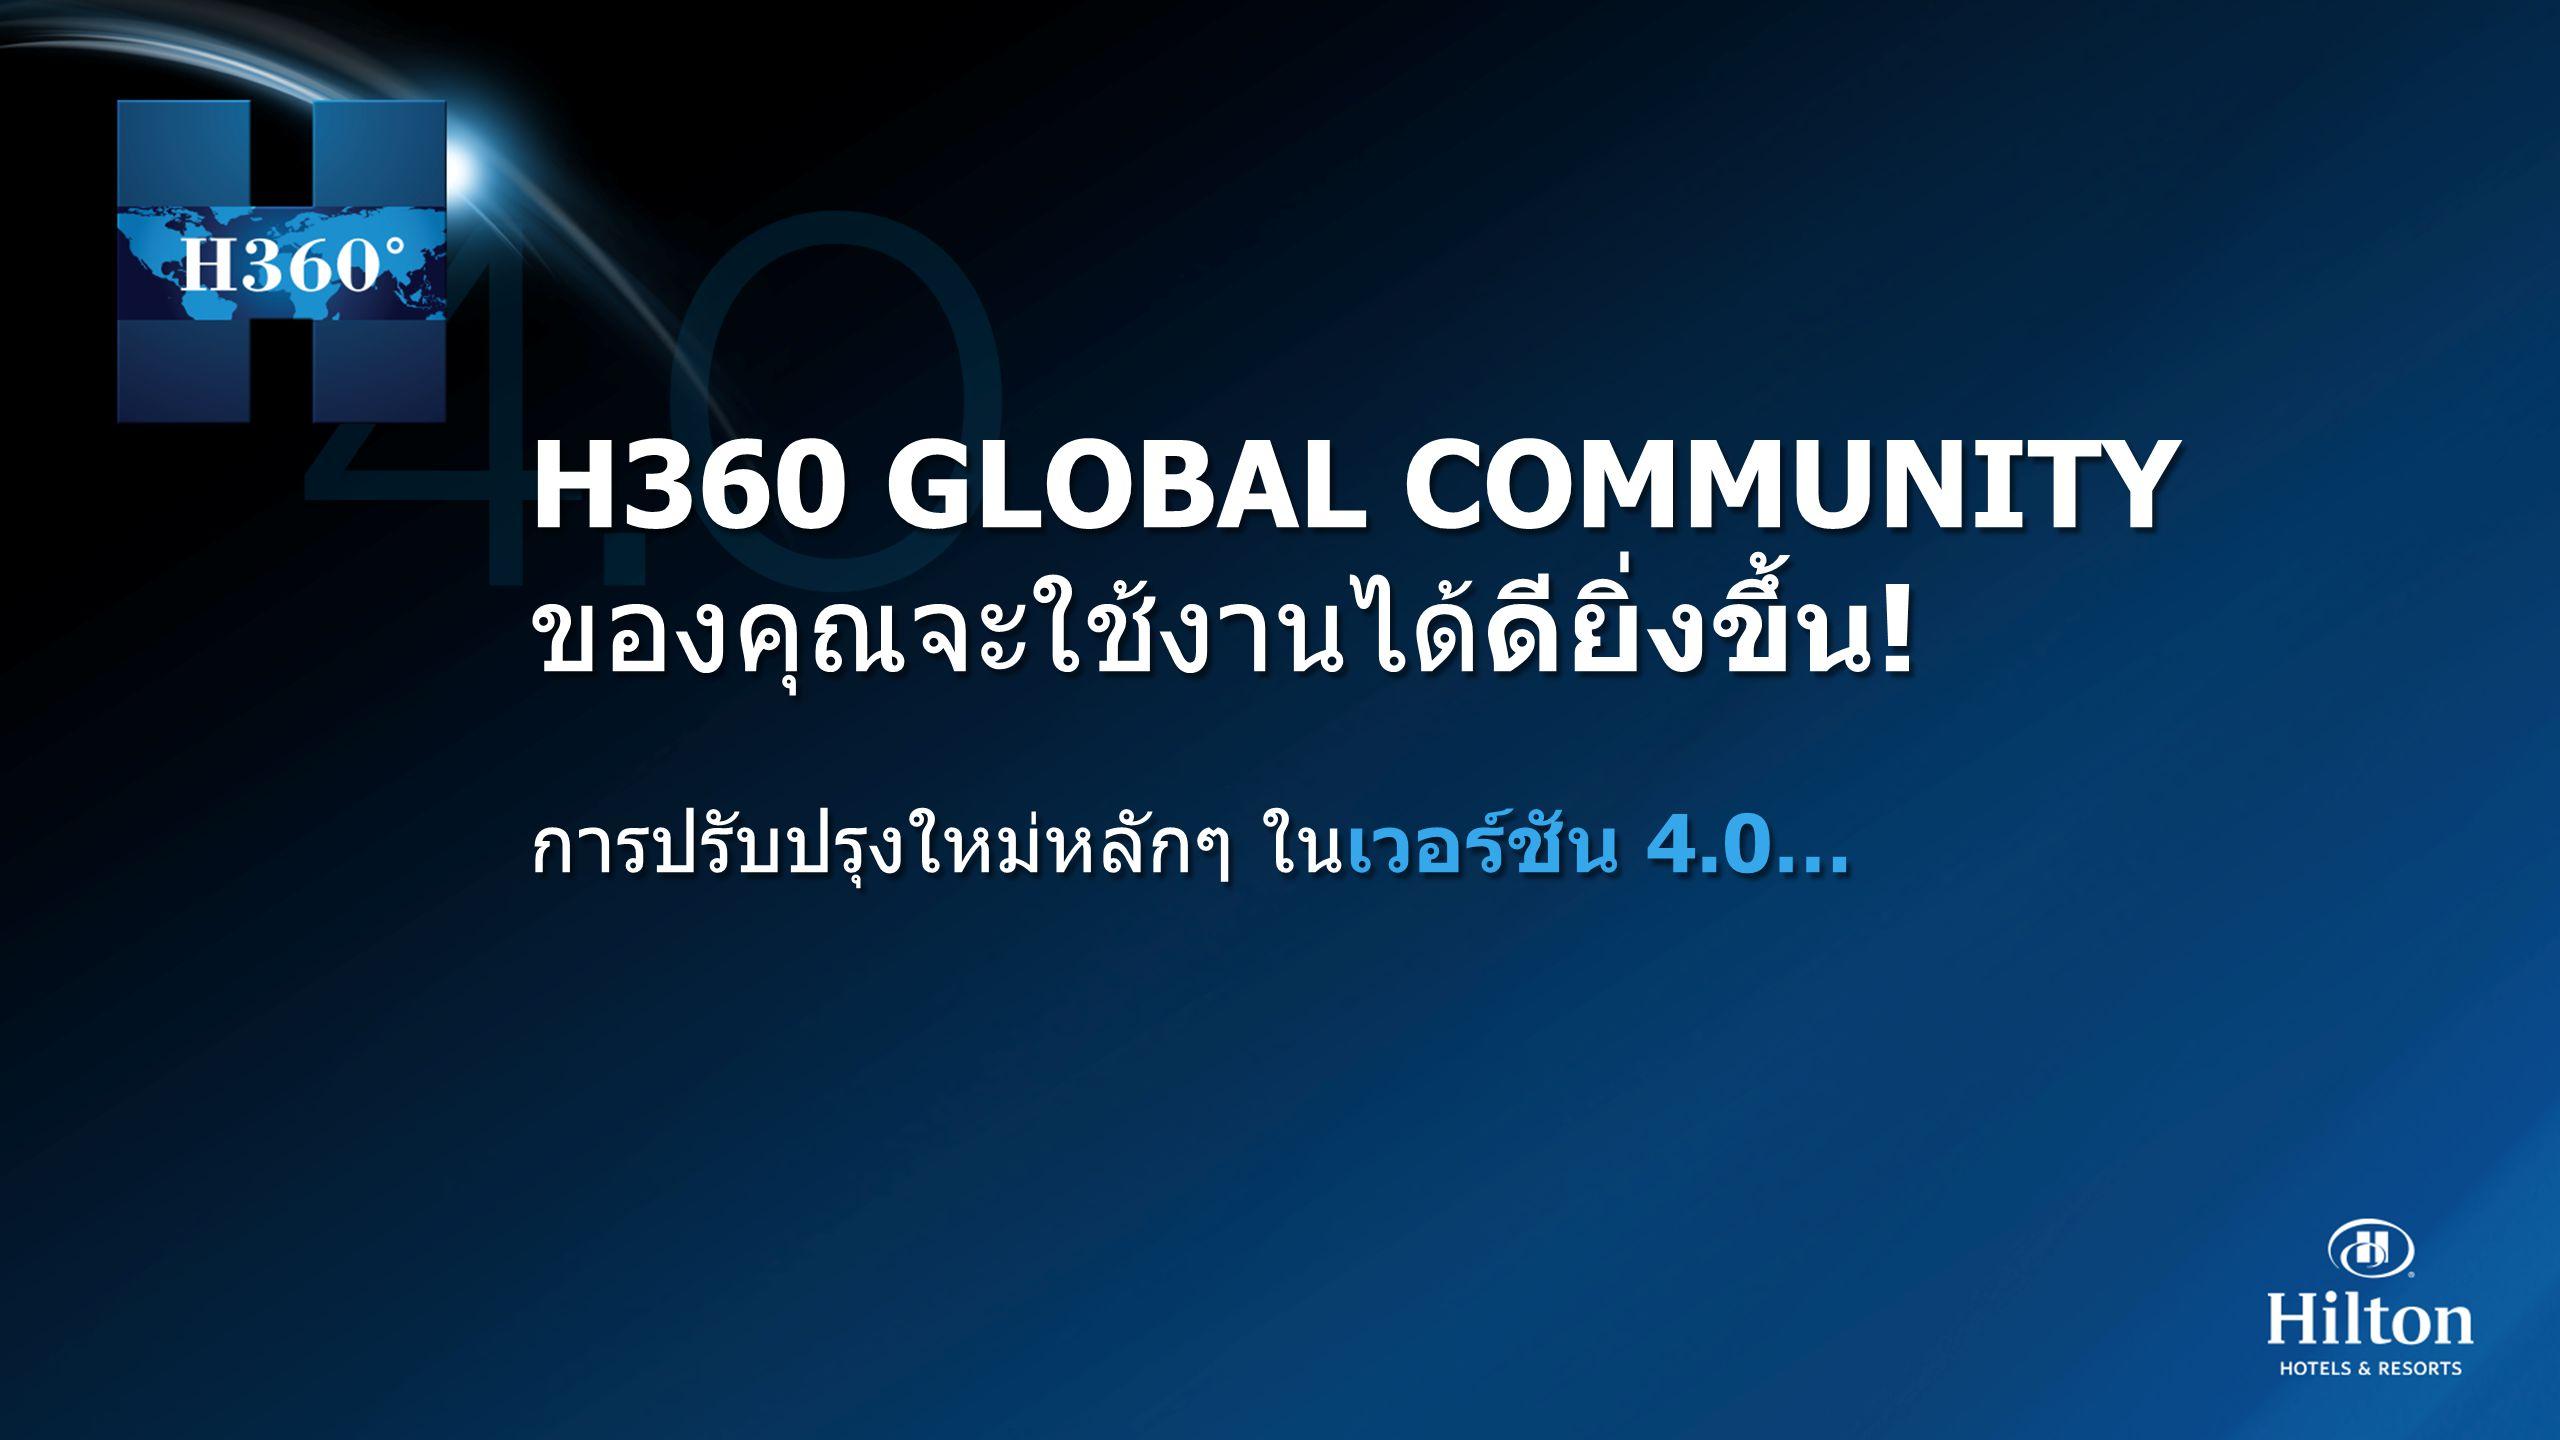 H360 GLOBAL COMMUNITY ของคุณจะใช้งานได้ดียิ่งขึ้น.